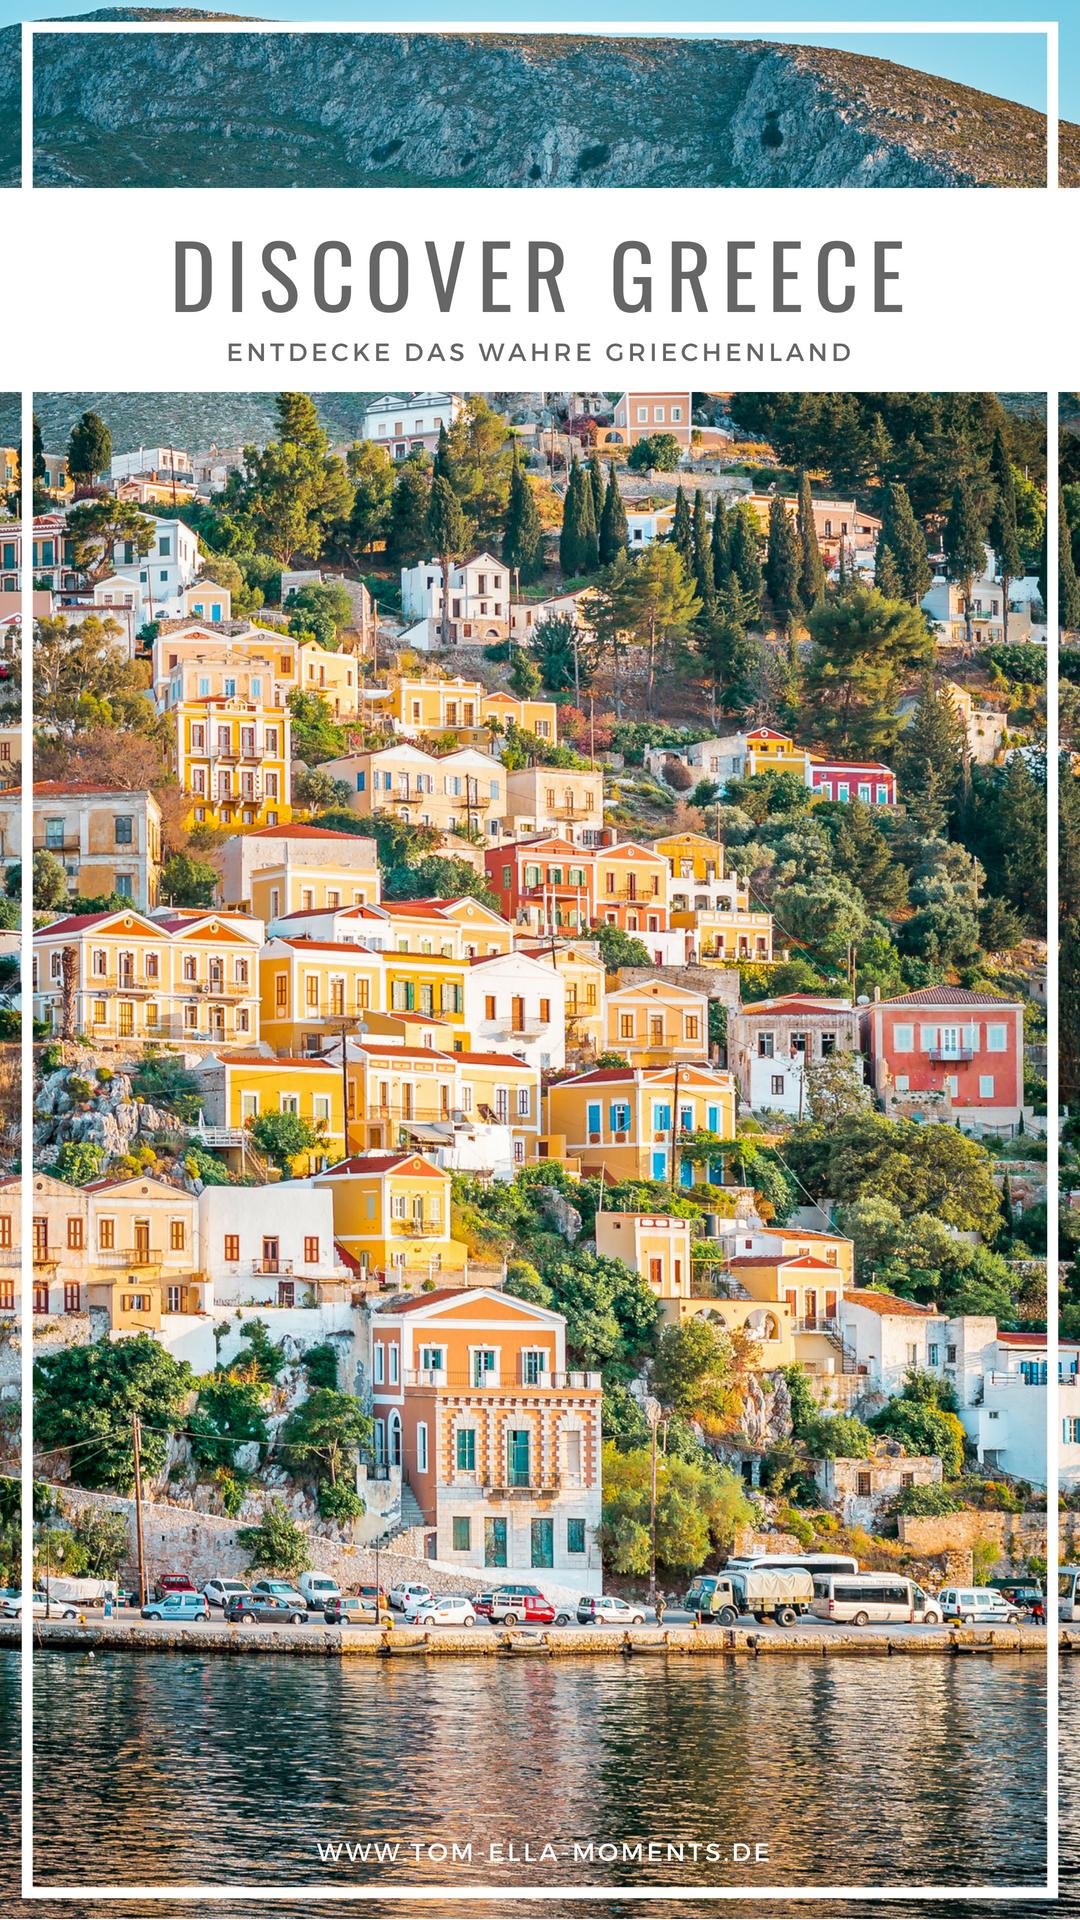 Urlaub In Europa Inselhupfen In Griechenland Wir Haben Unsere Zweite Heimat Im Blau Weissen Paradies Gefunden Nirgen Griechenland Urlaub Griechenland Urlaub